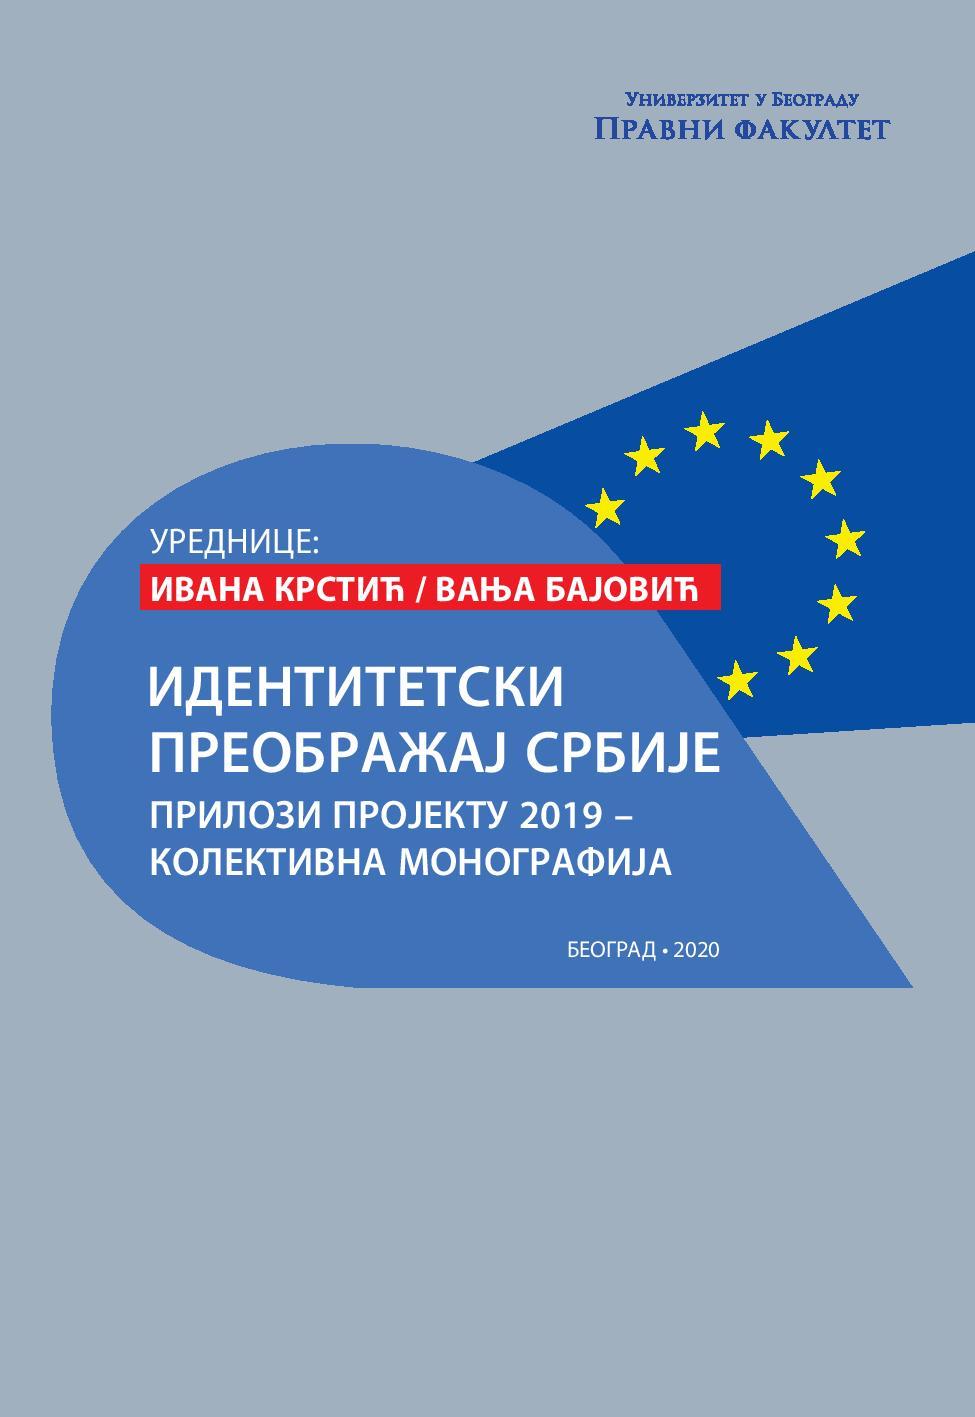 2019 – зборник радова Идентитетски преображај Србије